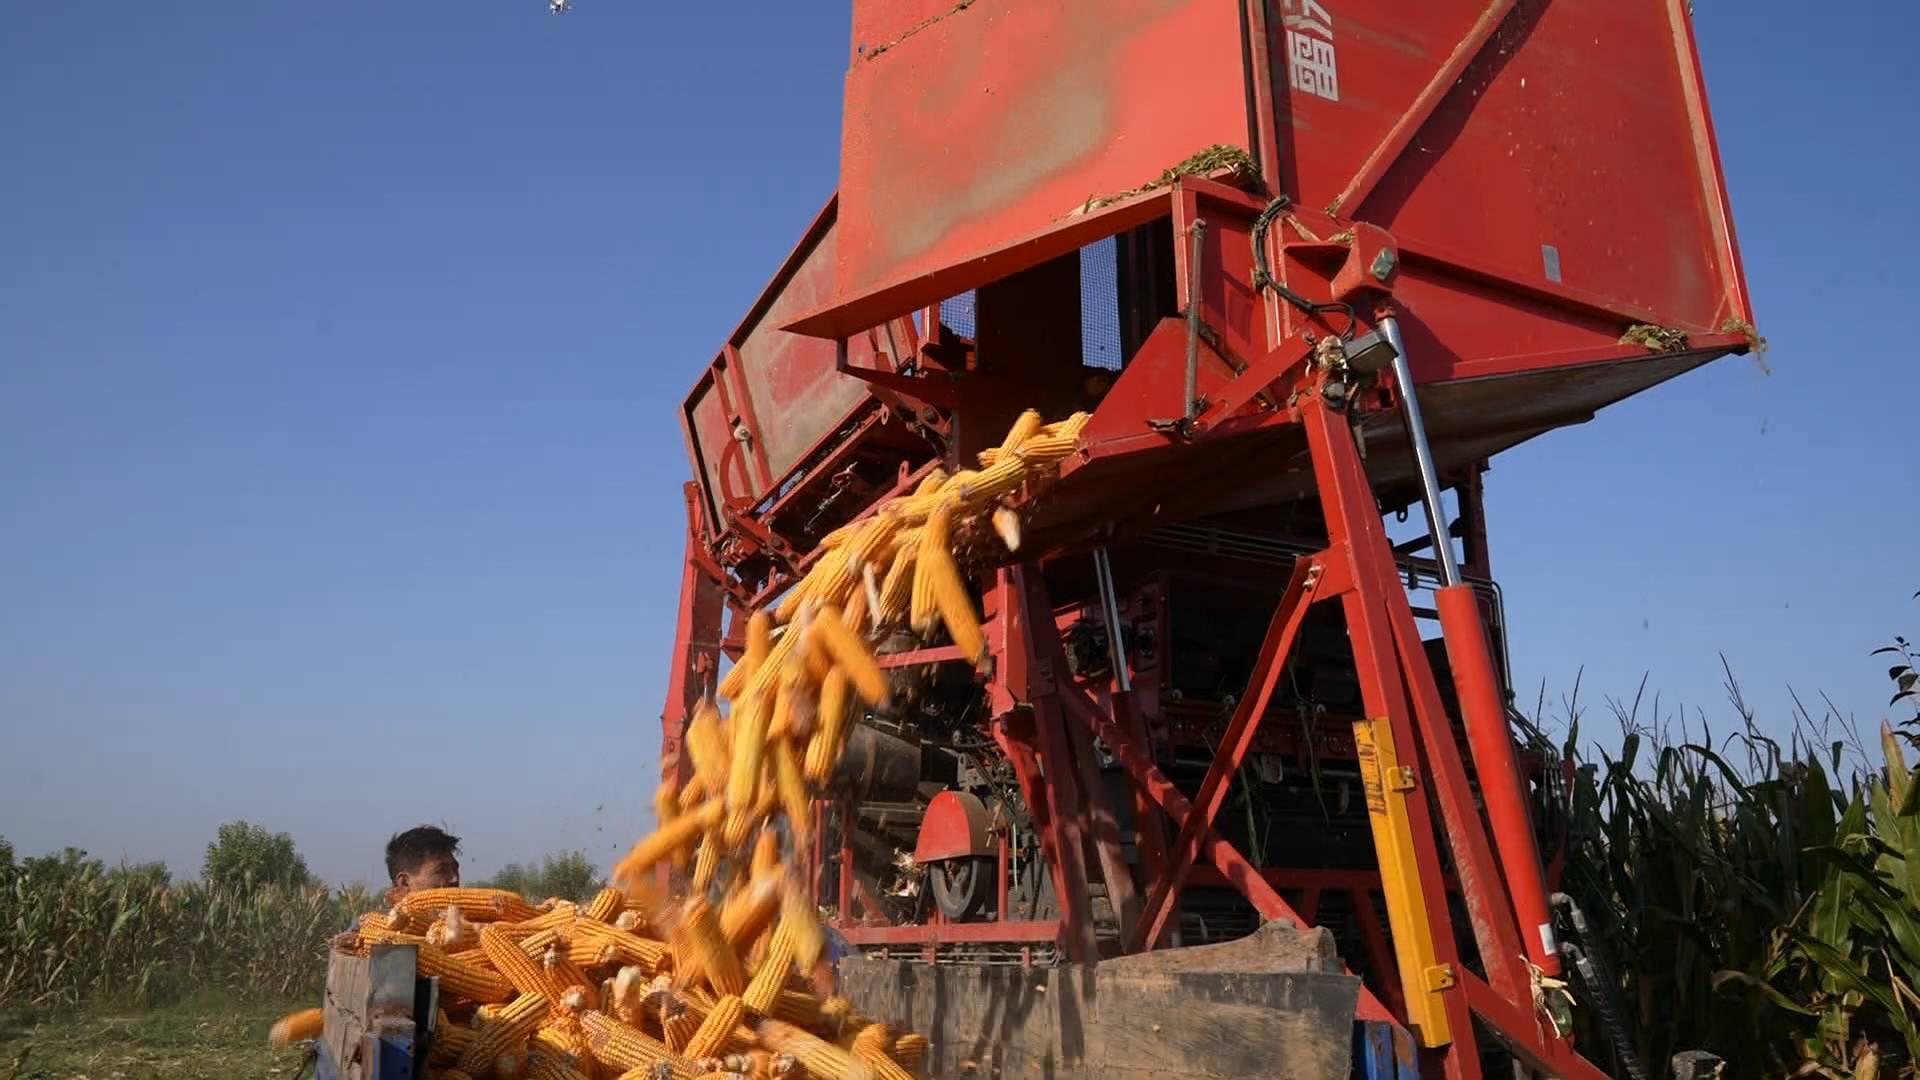 菏泽定陶65万亩玉米大丰收 秸秆变饲料带动居民收入